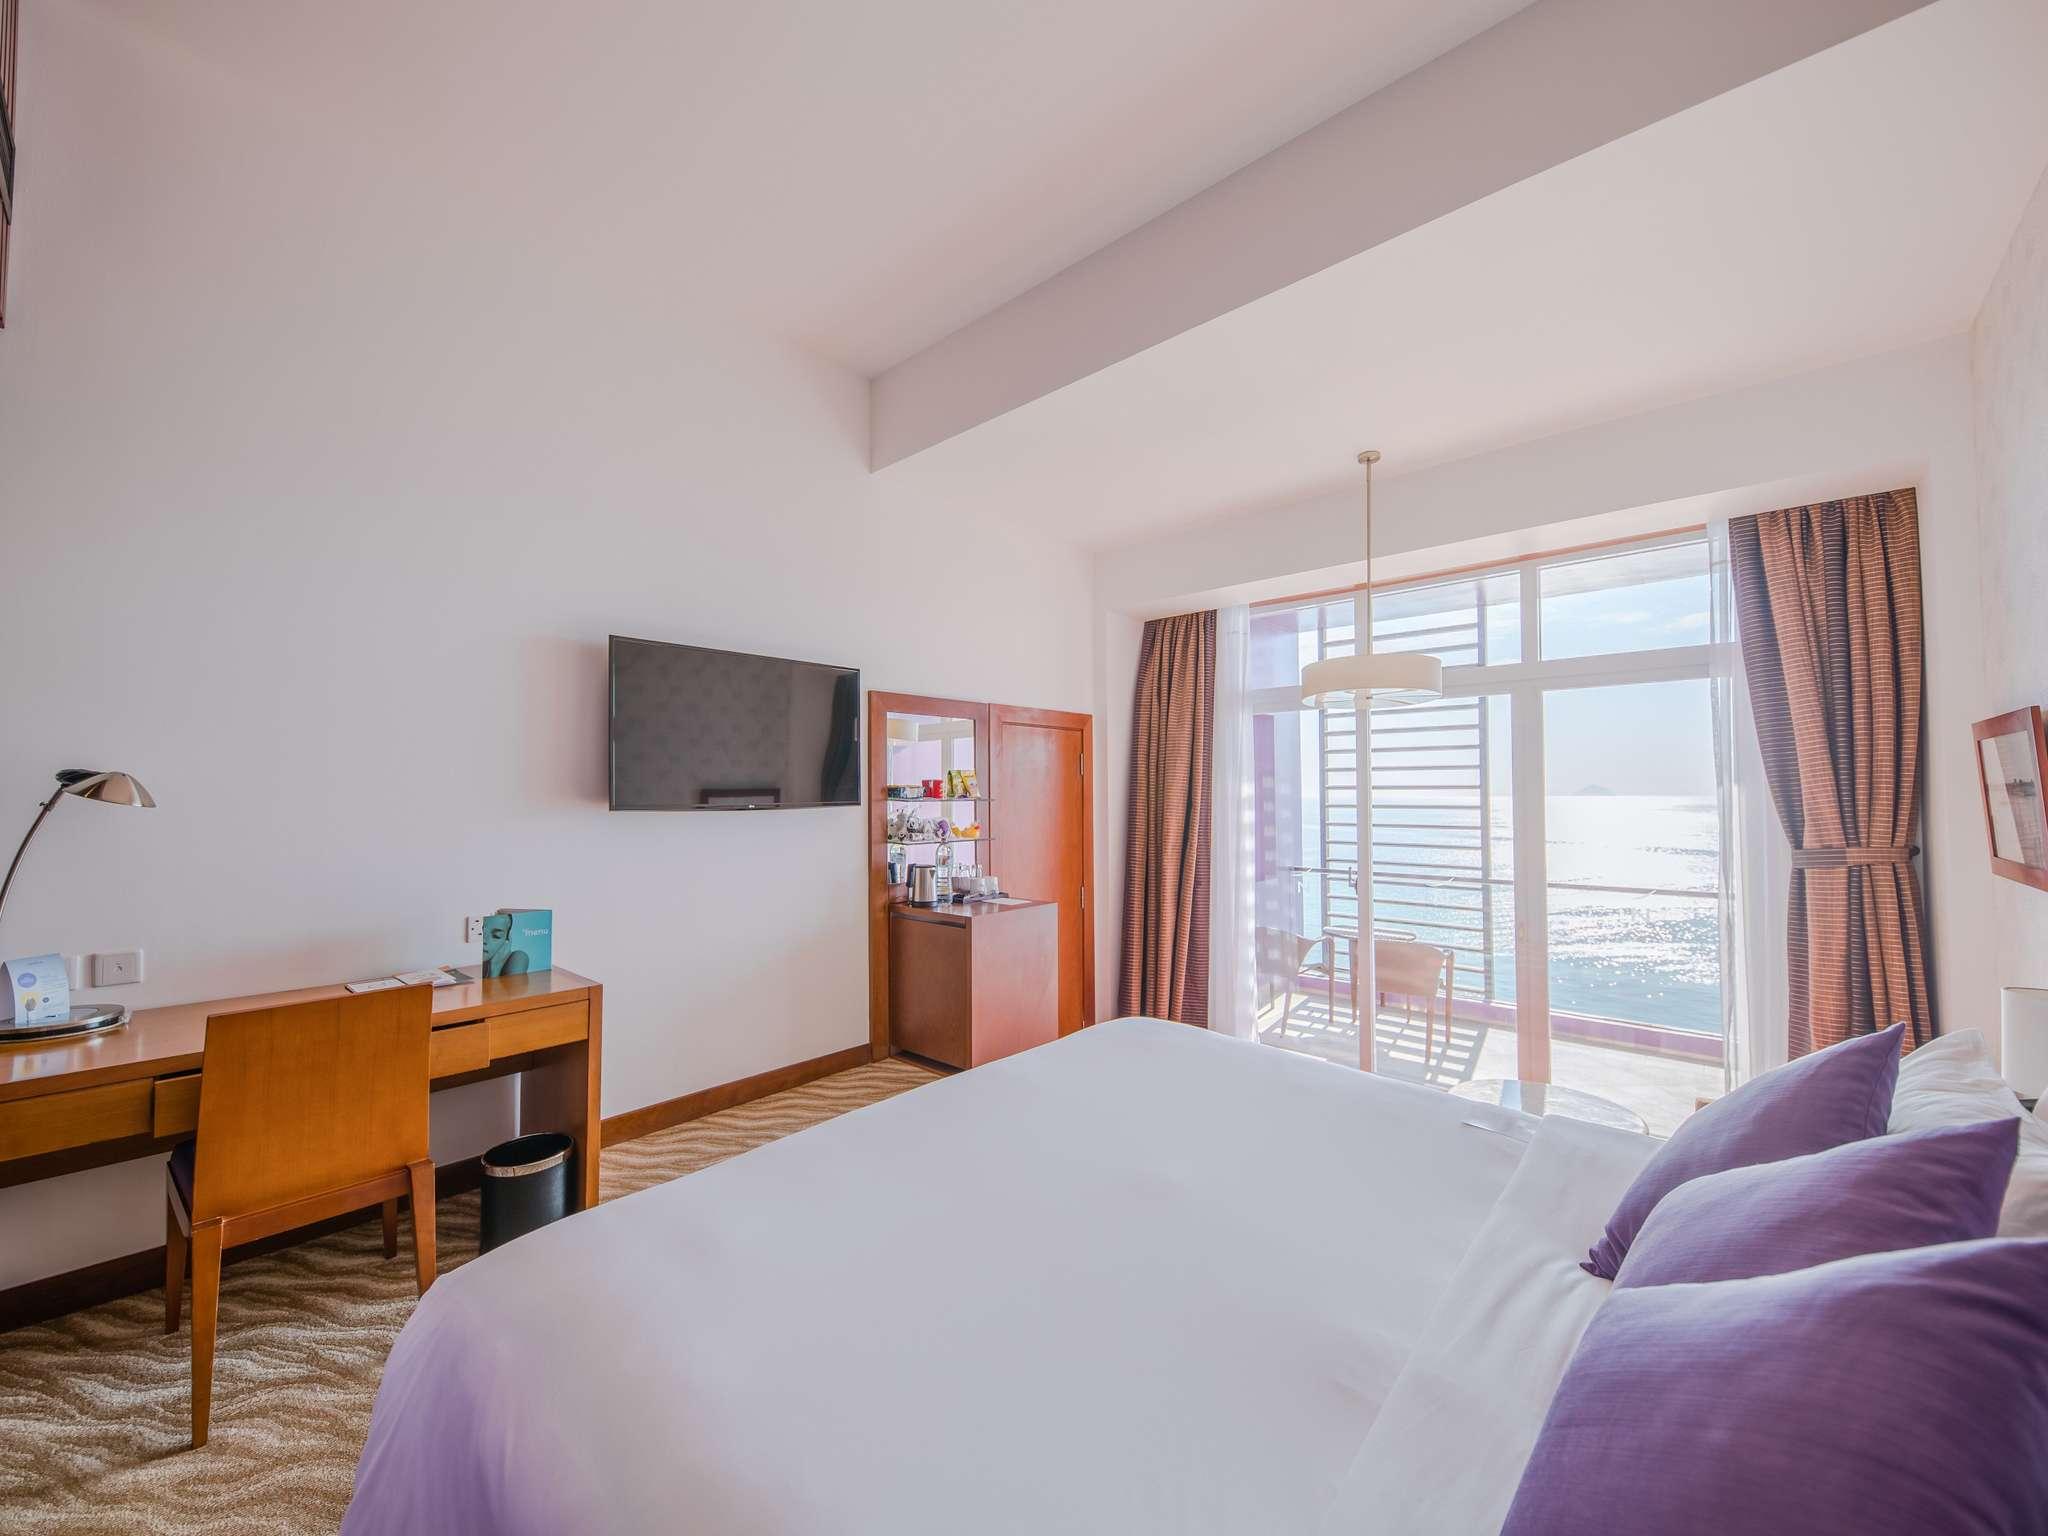 Hotel in nha trang - Novotel Nha Trang